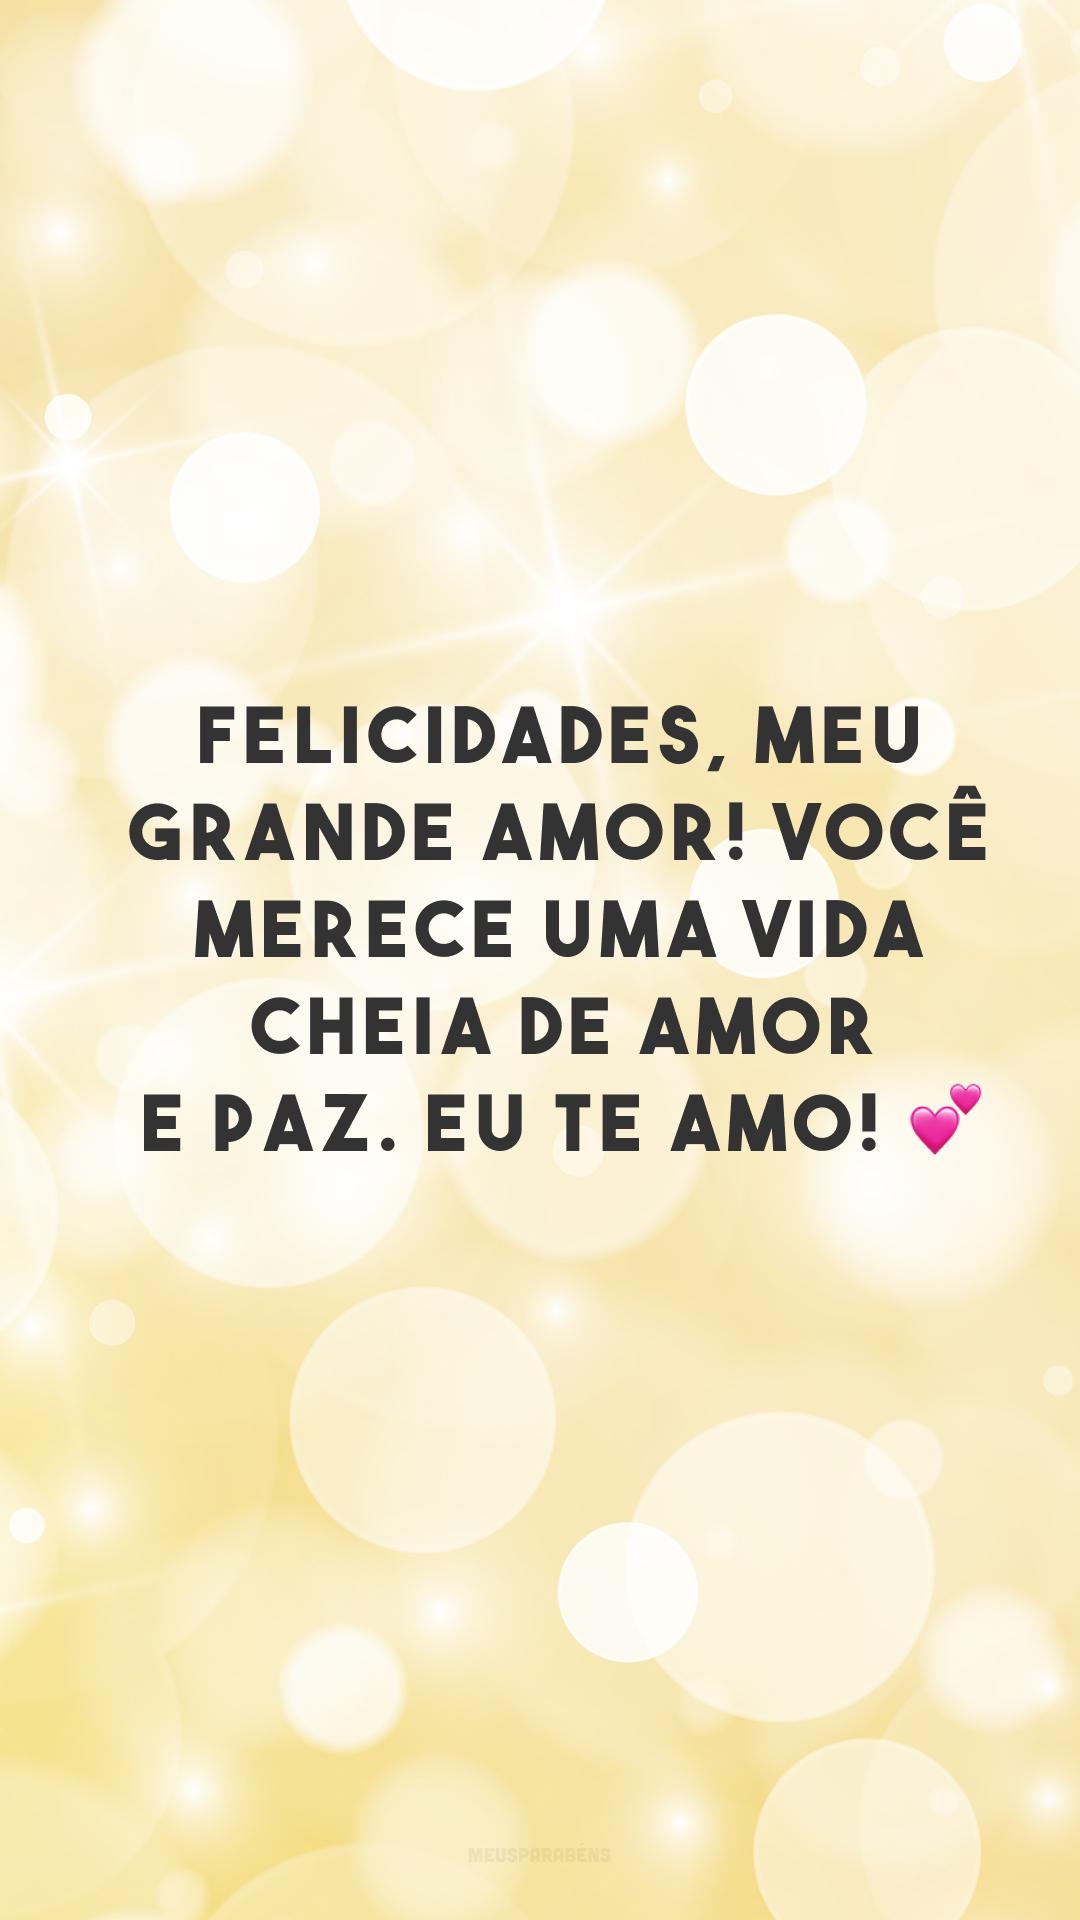 Felicidades, meu grande amor! Você merece uma vida cheia de amor e paz. Eu te amo! 💕